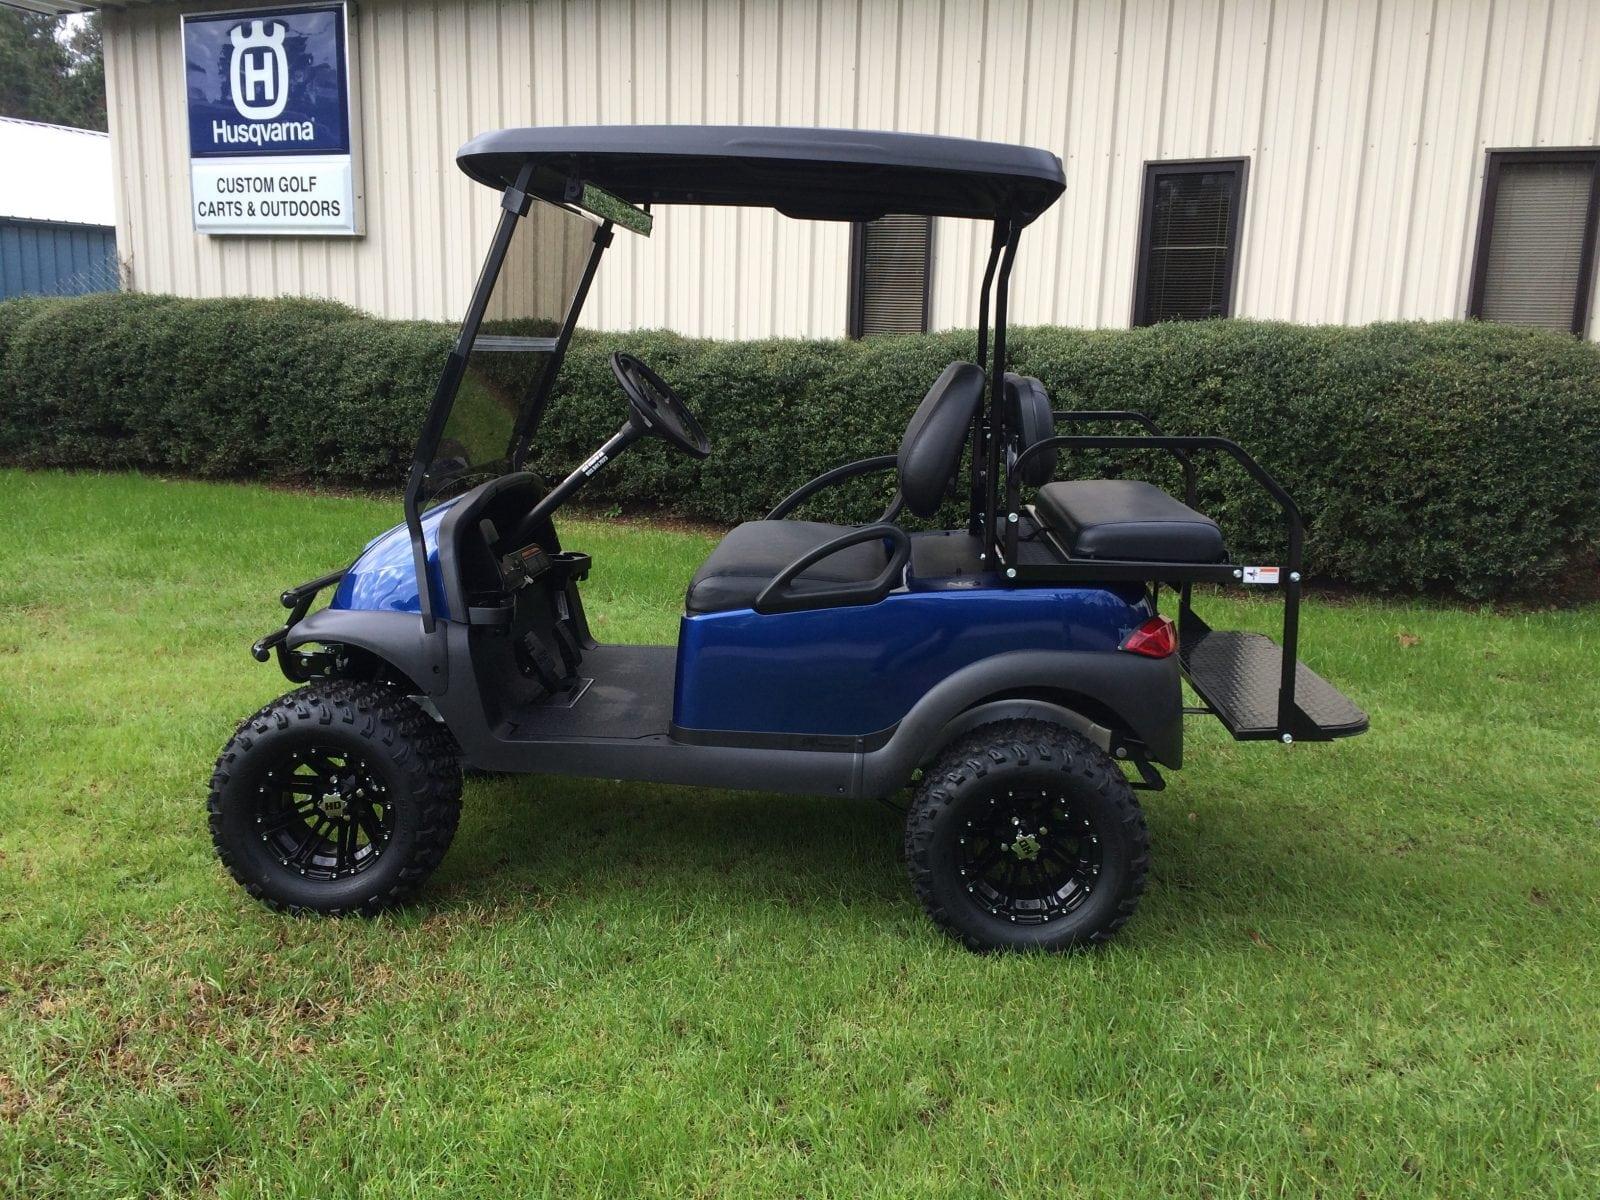 Magnum Blue Club Car Precedent - Custom Golf Carts Columbia   Sales, Services & Parts